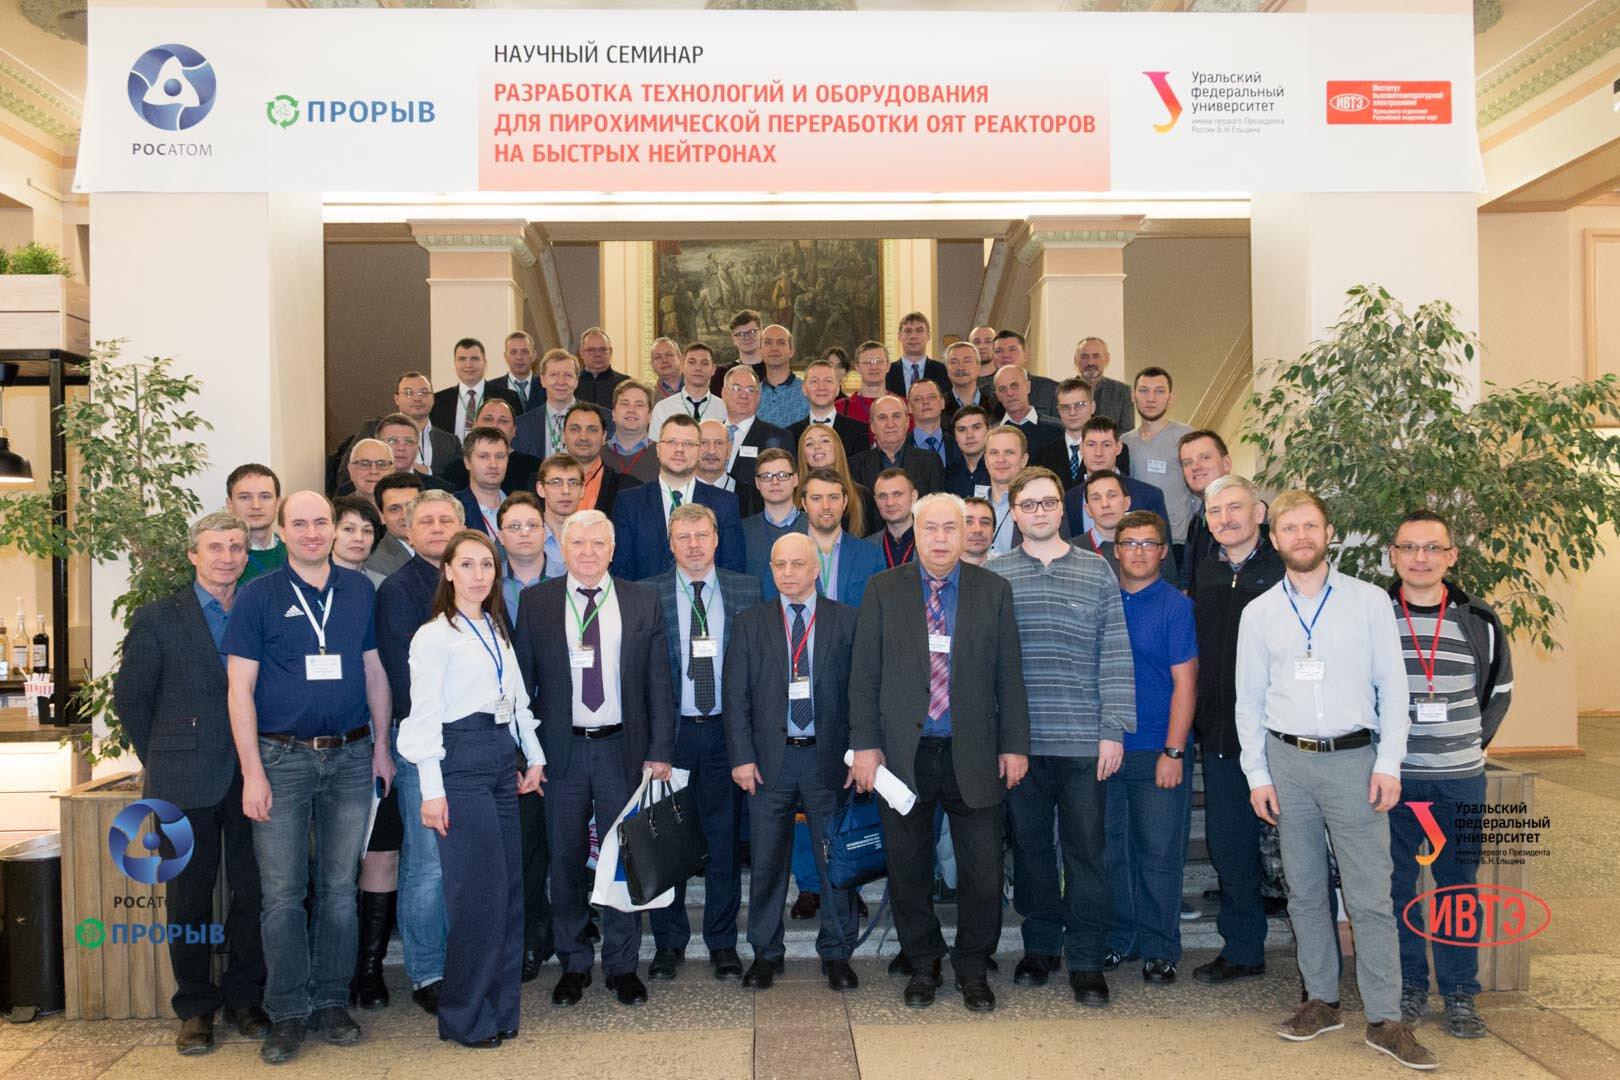 Научный семинар, прошедший 13-15 февраля 2019 года в г. Екатеринбурге